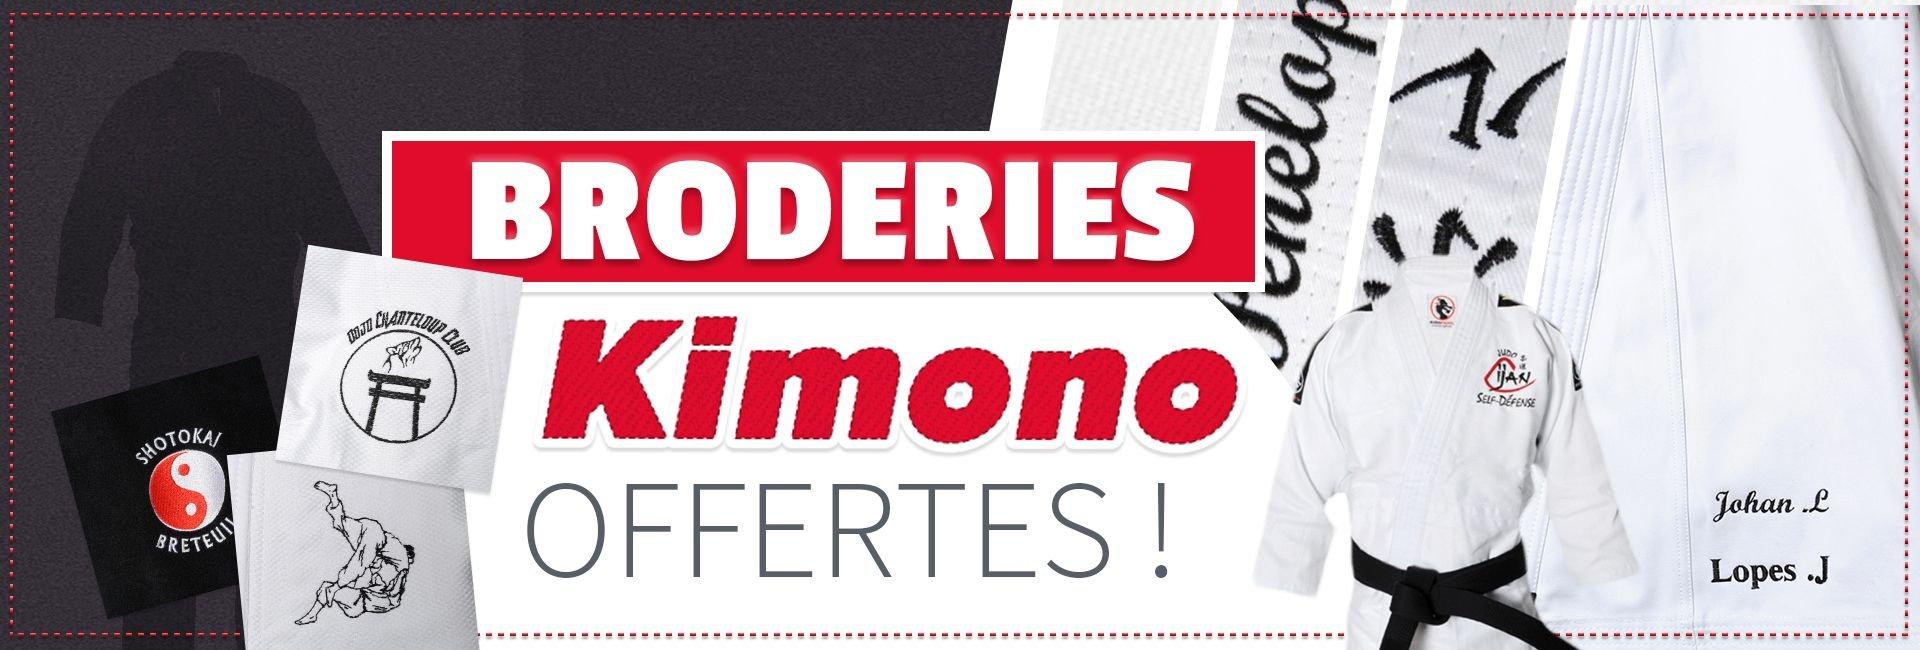 Les broderies kimono sont offertes